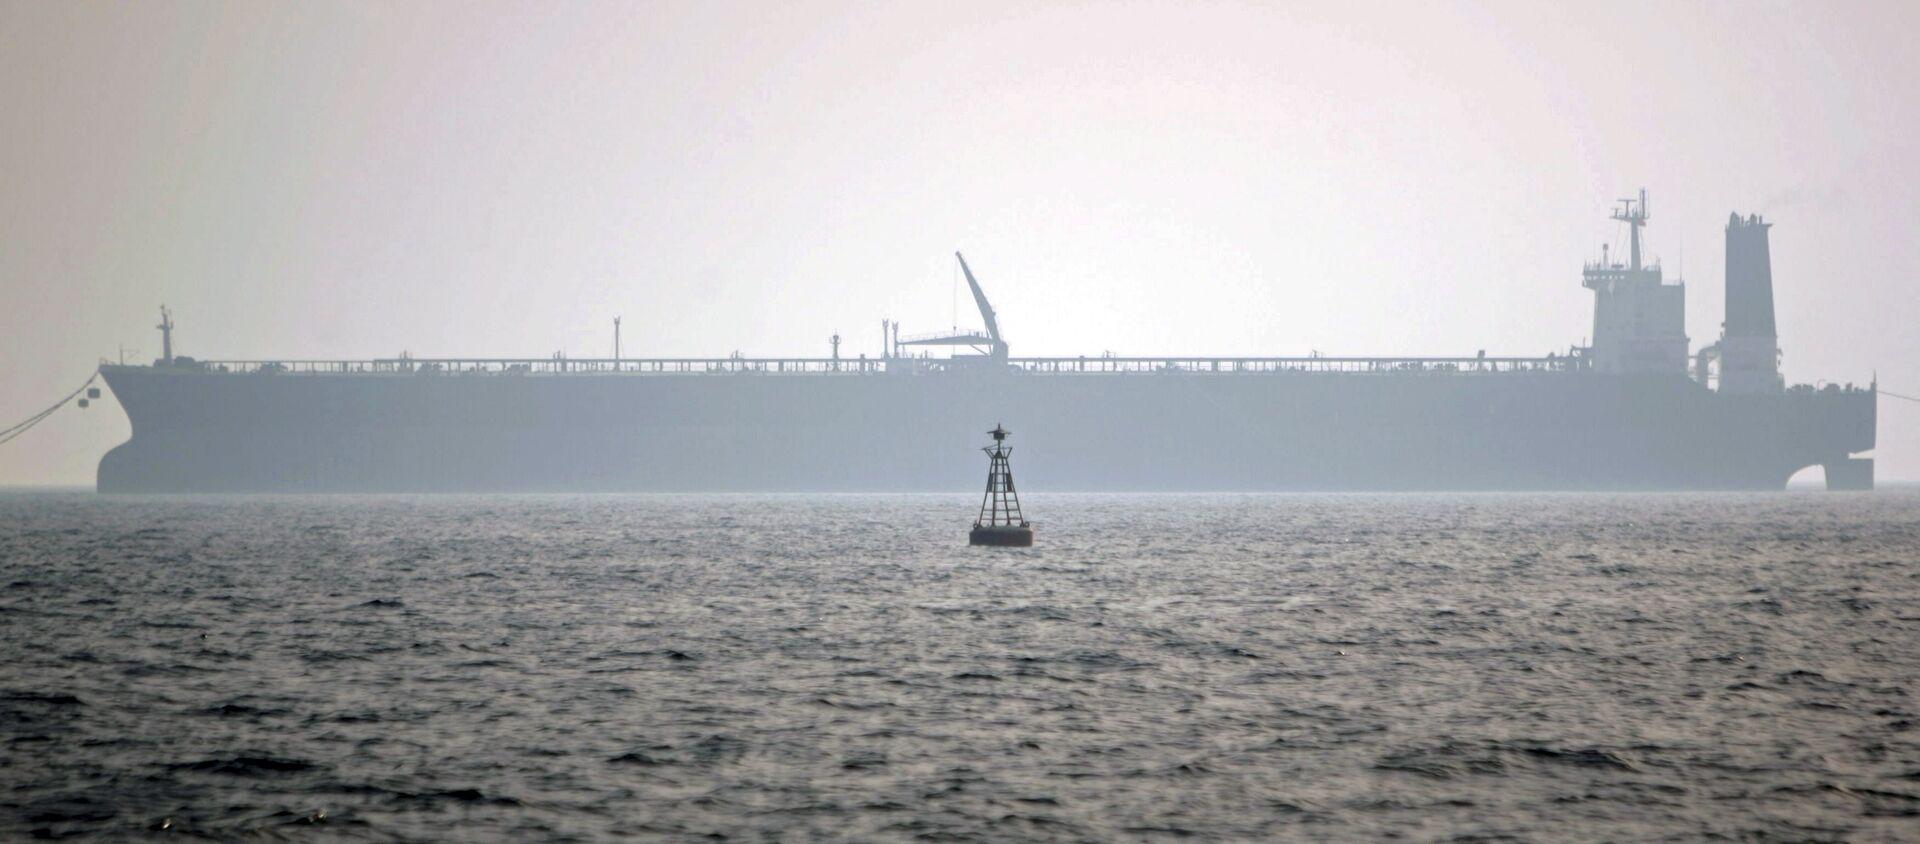 Нефтяной танкер в Персидском заливе - Sputnik Азербайджан, 1920, 28.04.2021